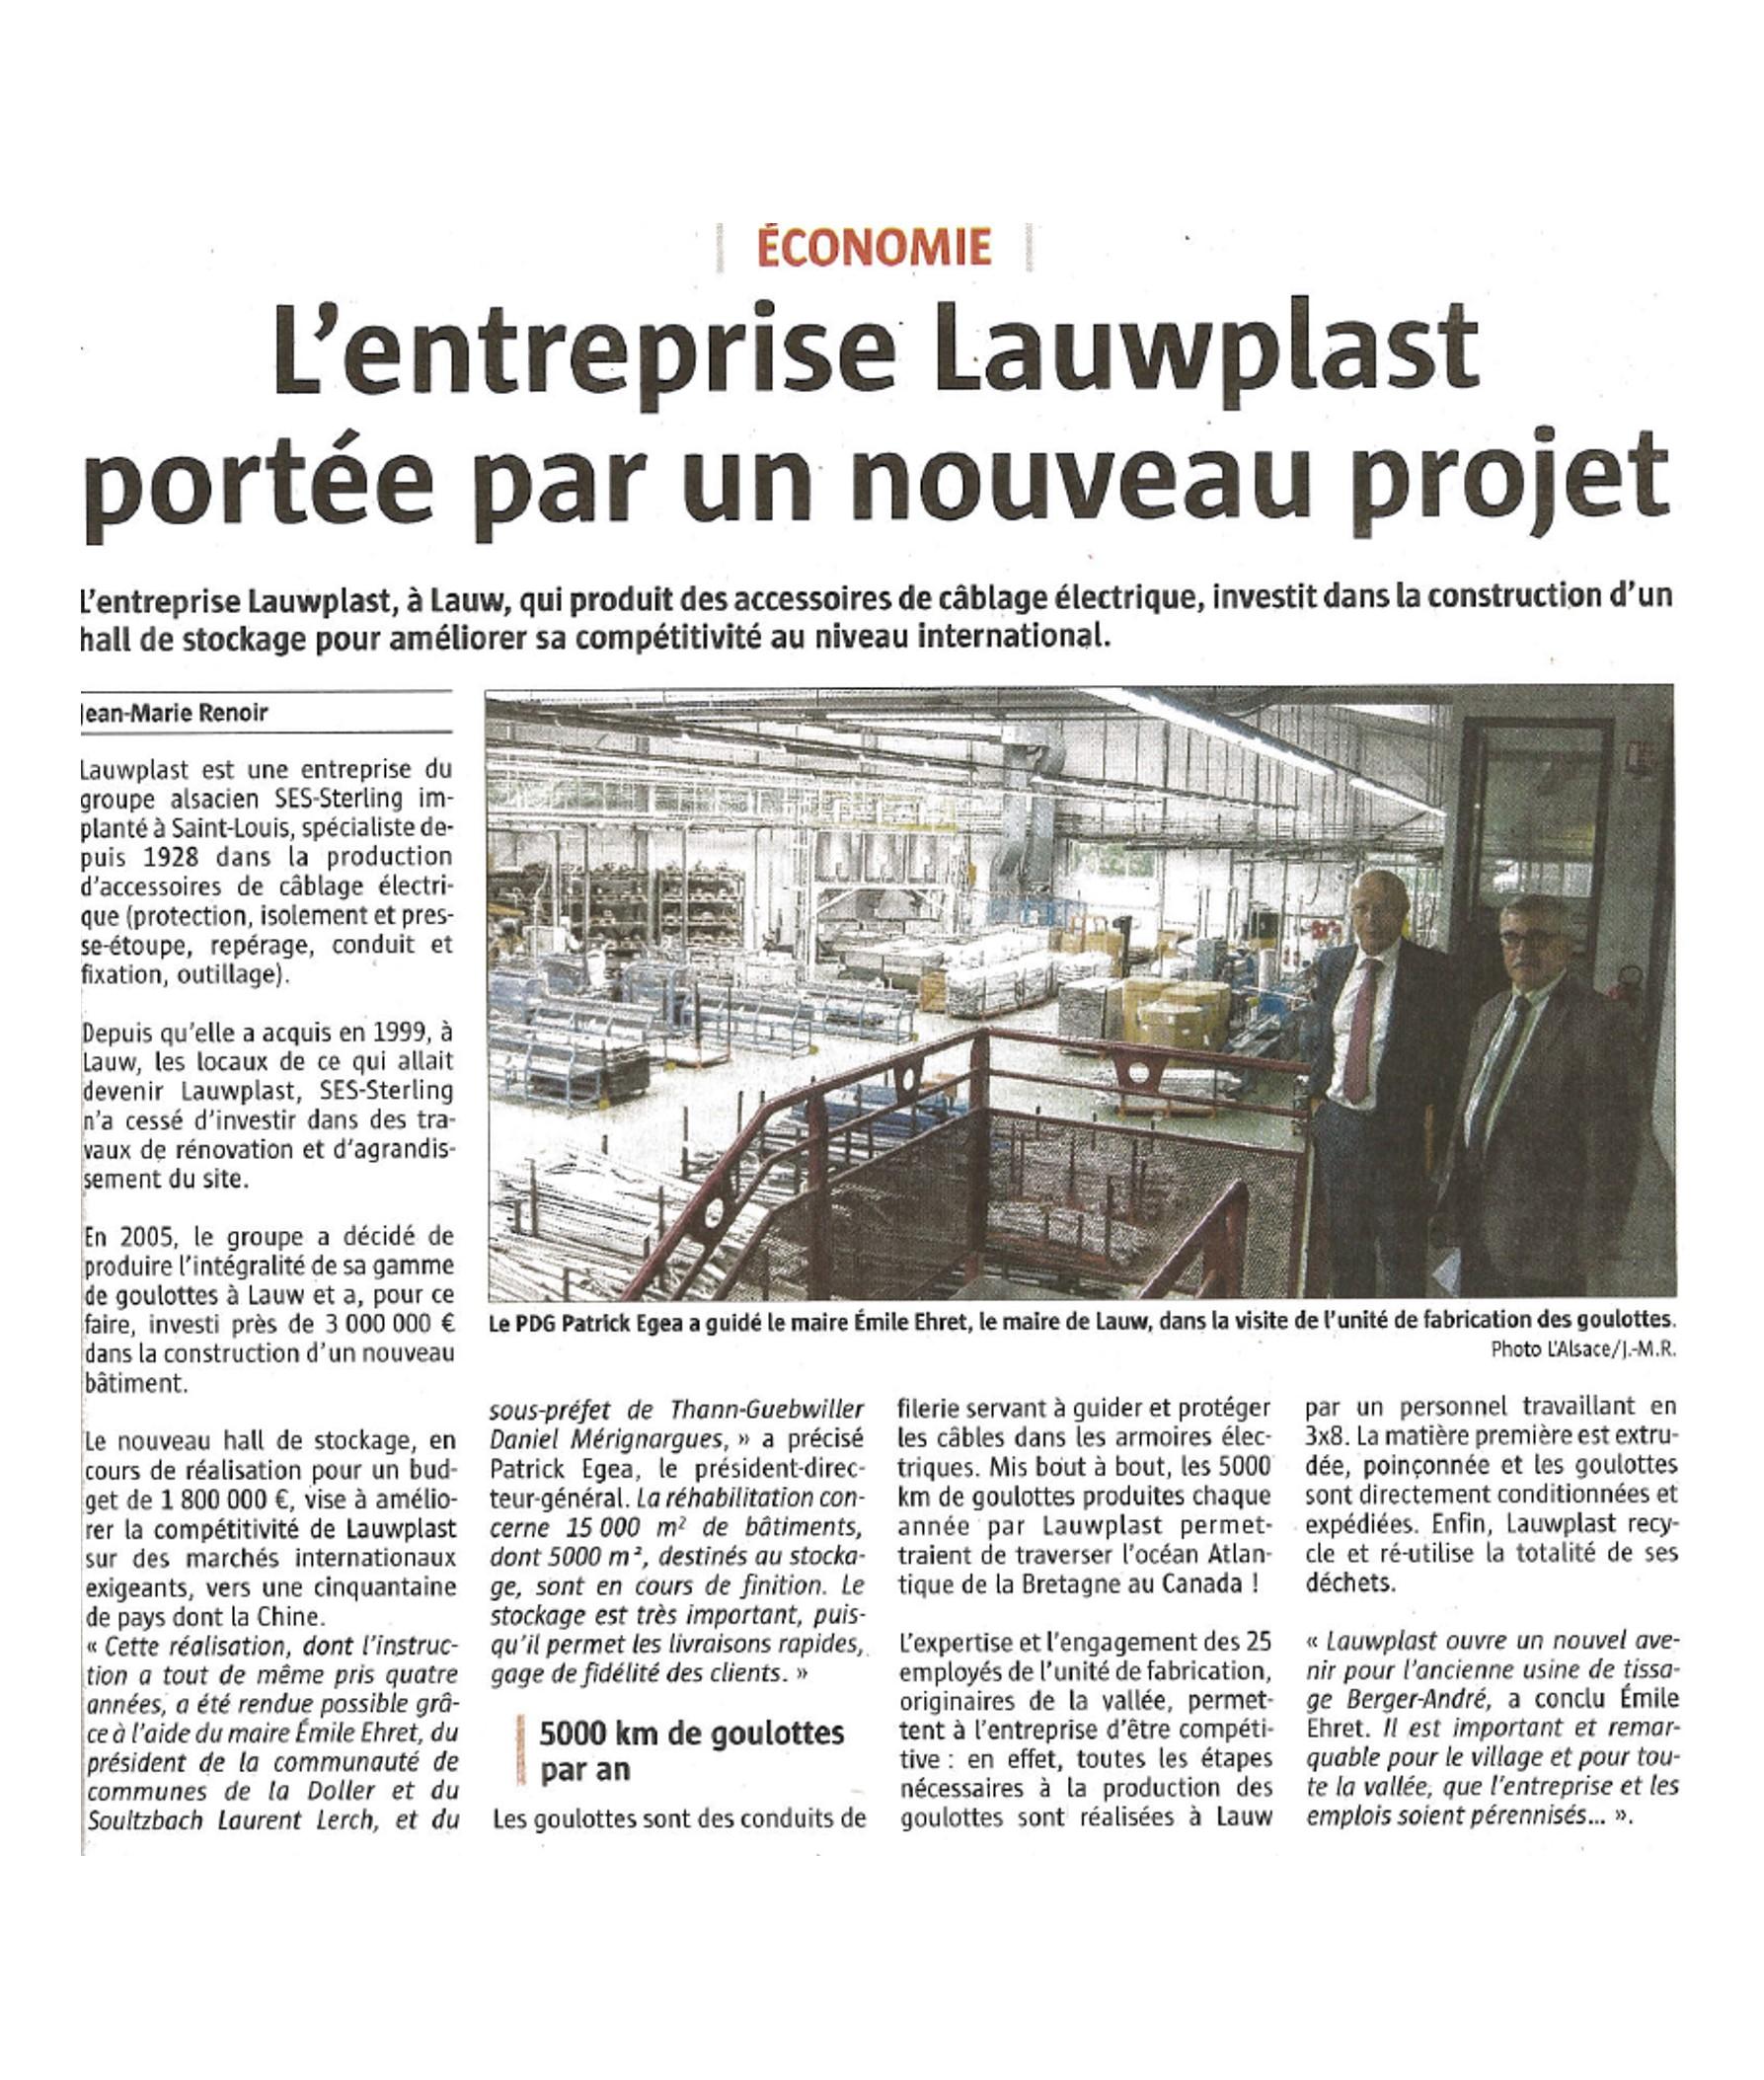 Lauwplast portée par un nouveau projet - L'Alsace - 21-09-2017